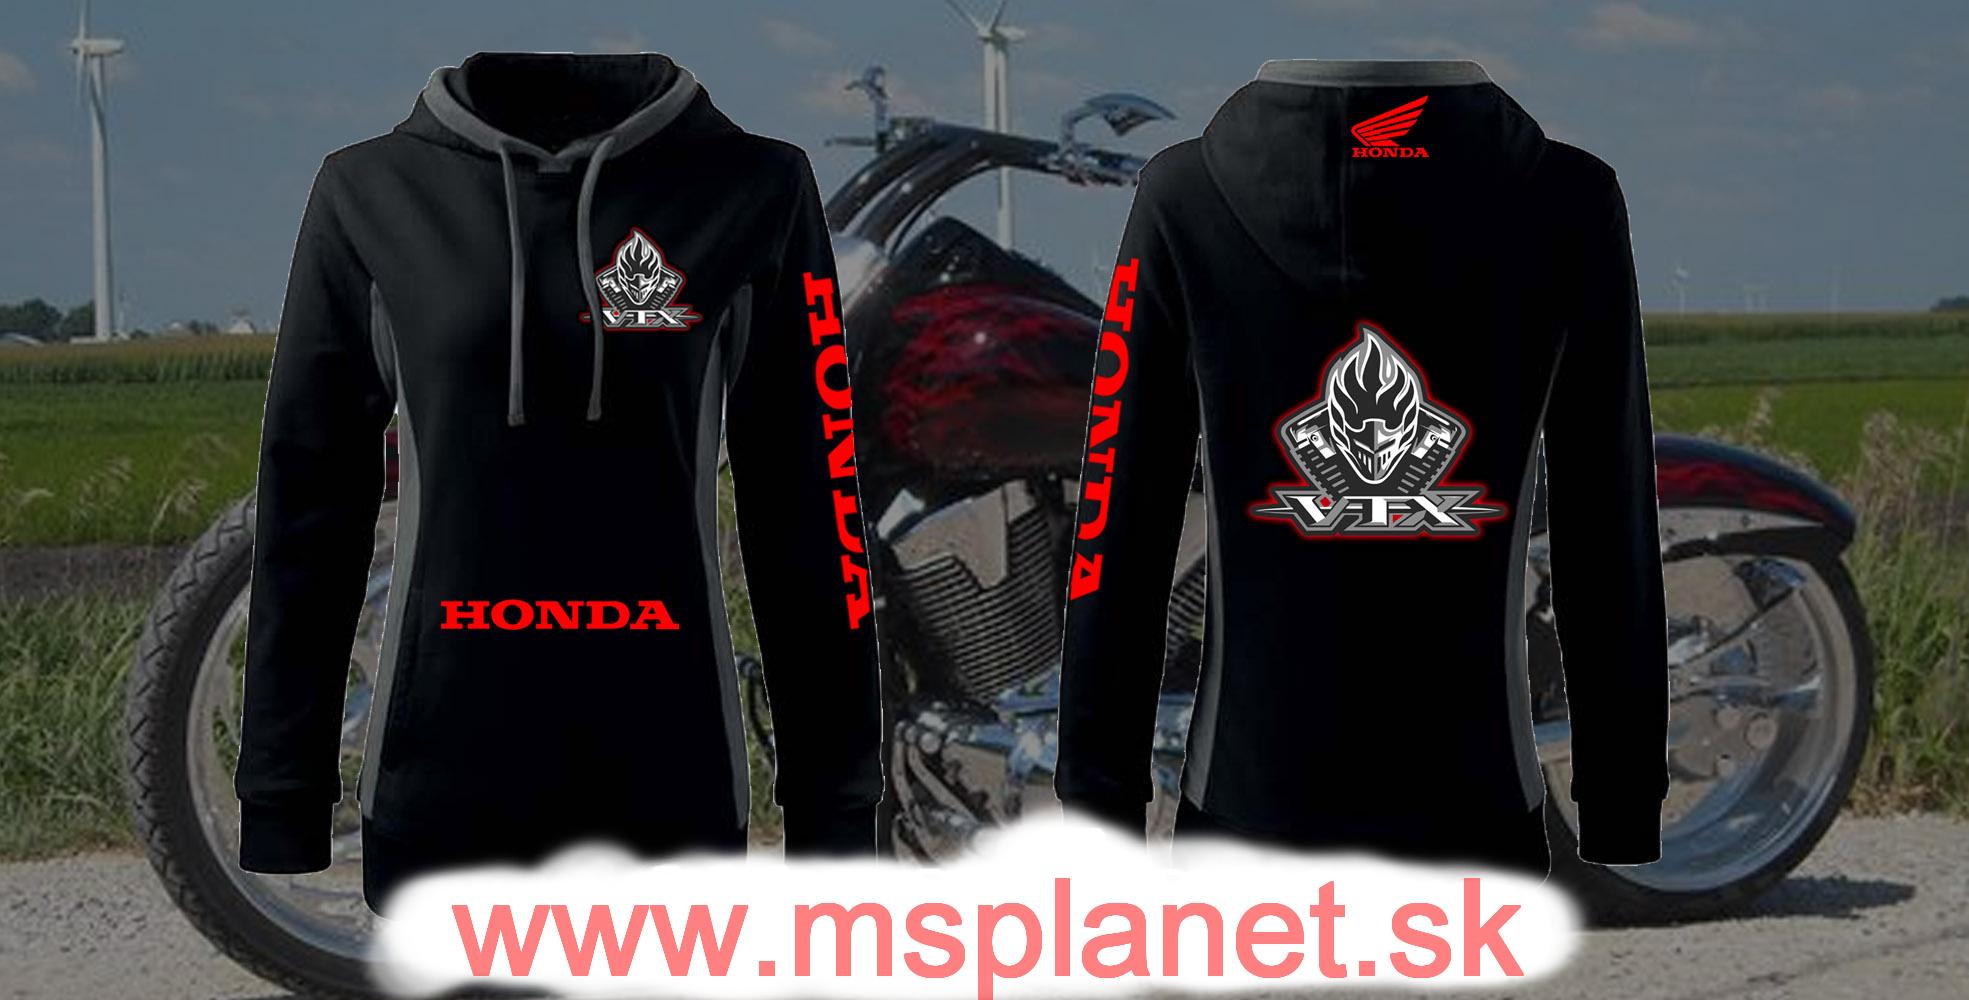 Dámska mikina Honda VTX 871a9baf399